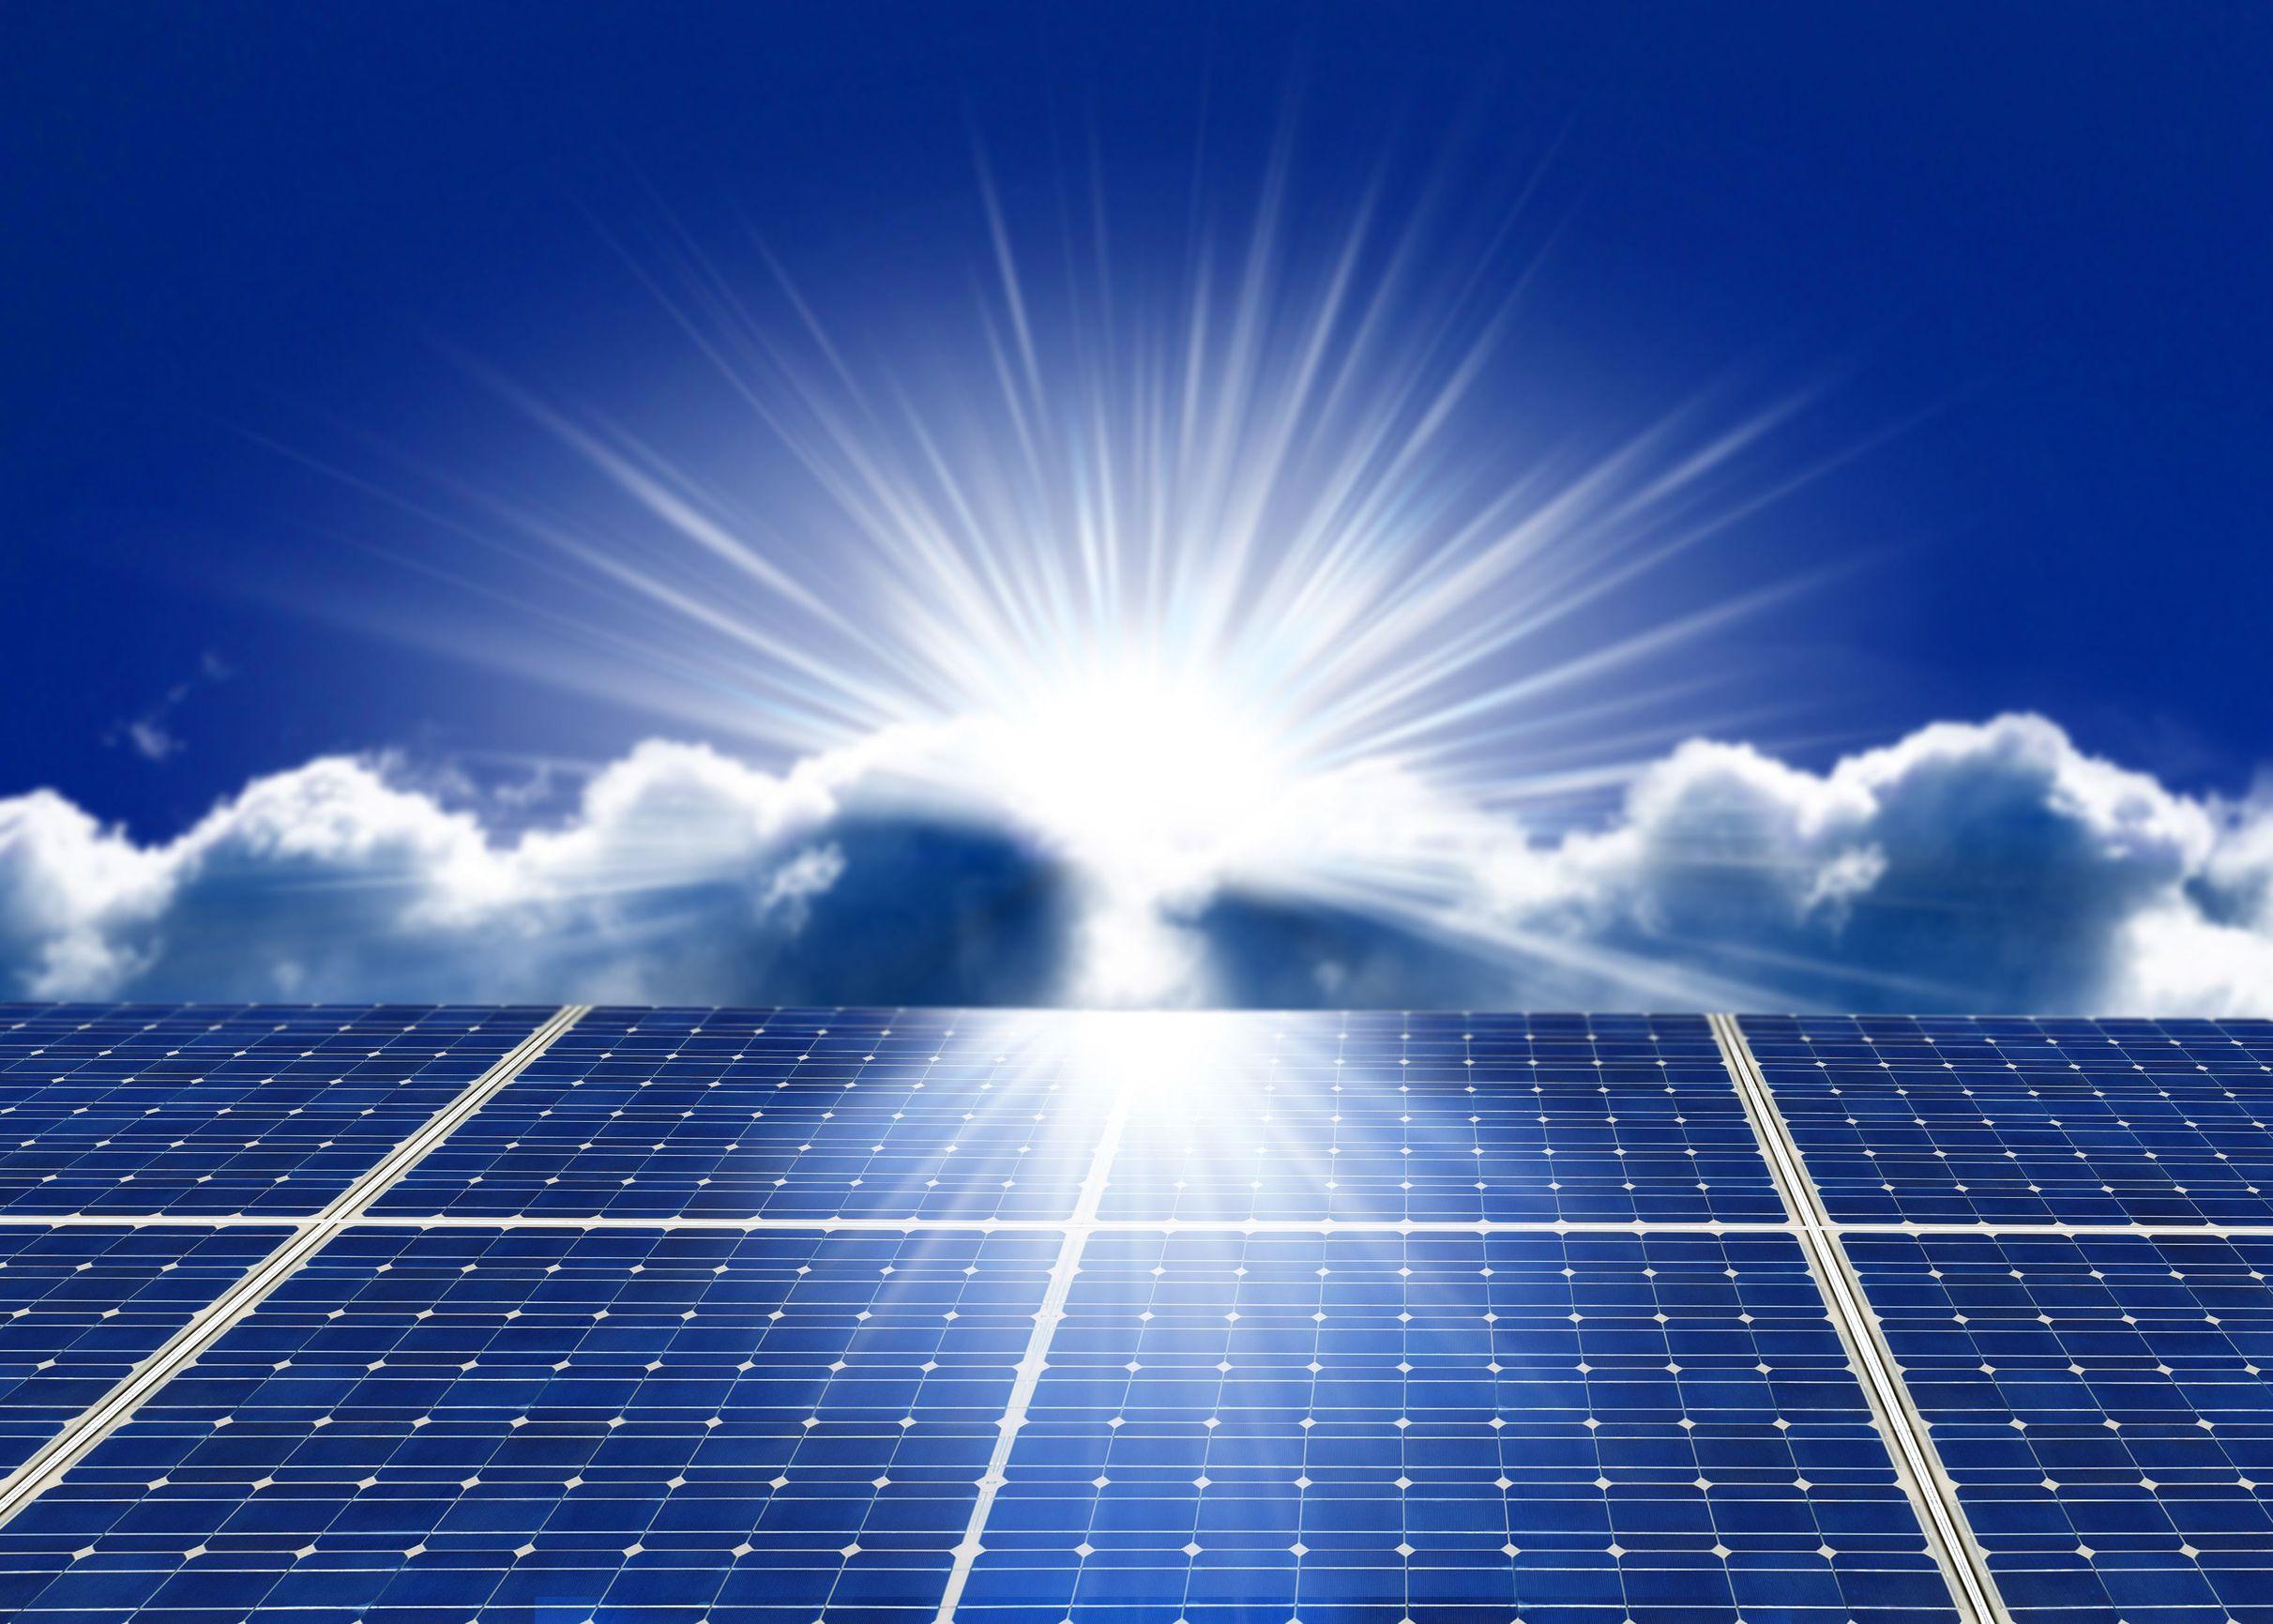 Phát triển năng lượng tái tạo, Việt Nam cần chính sách đủ mạnh